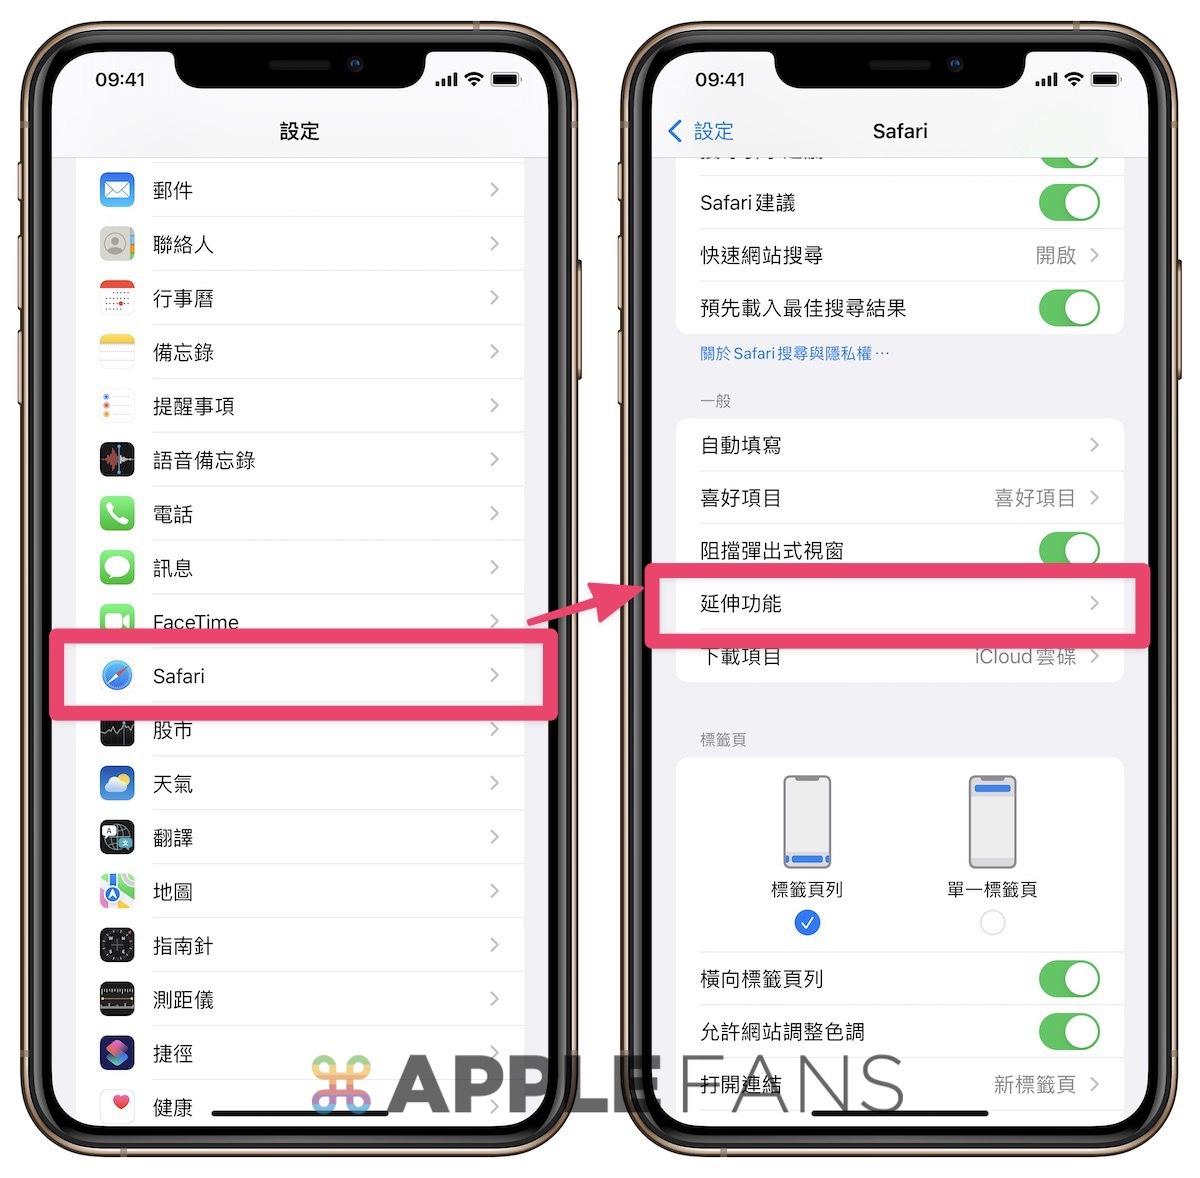 iOS 15 Safari